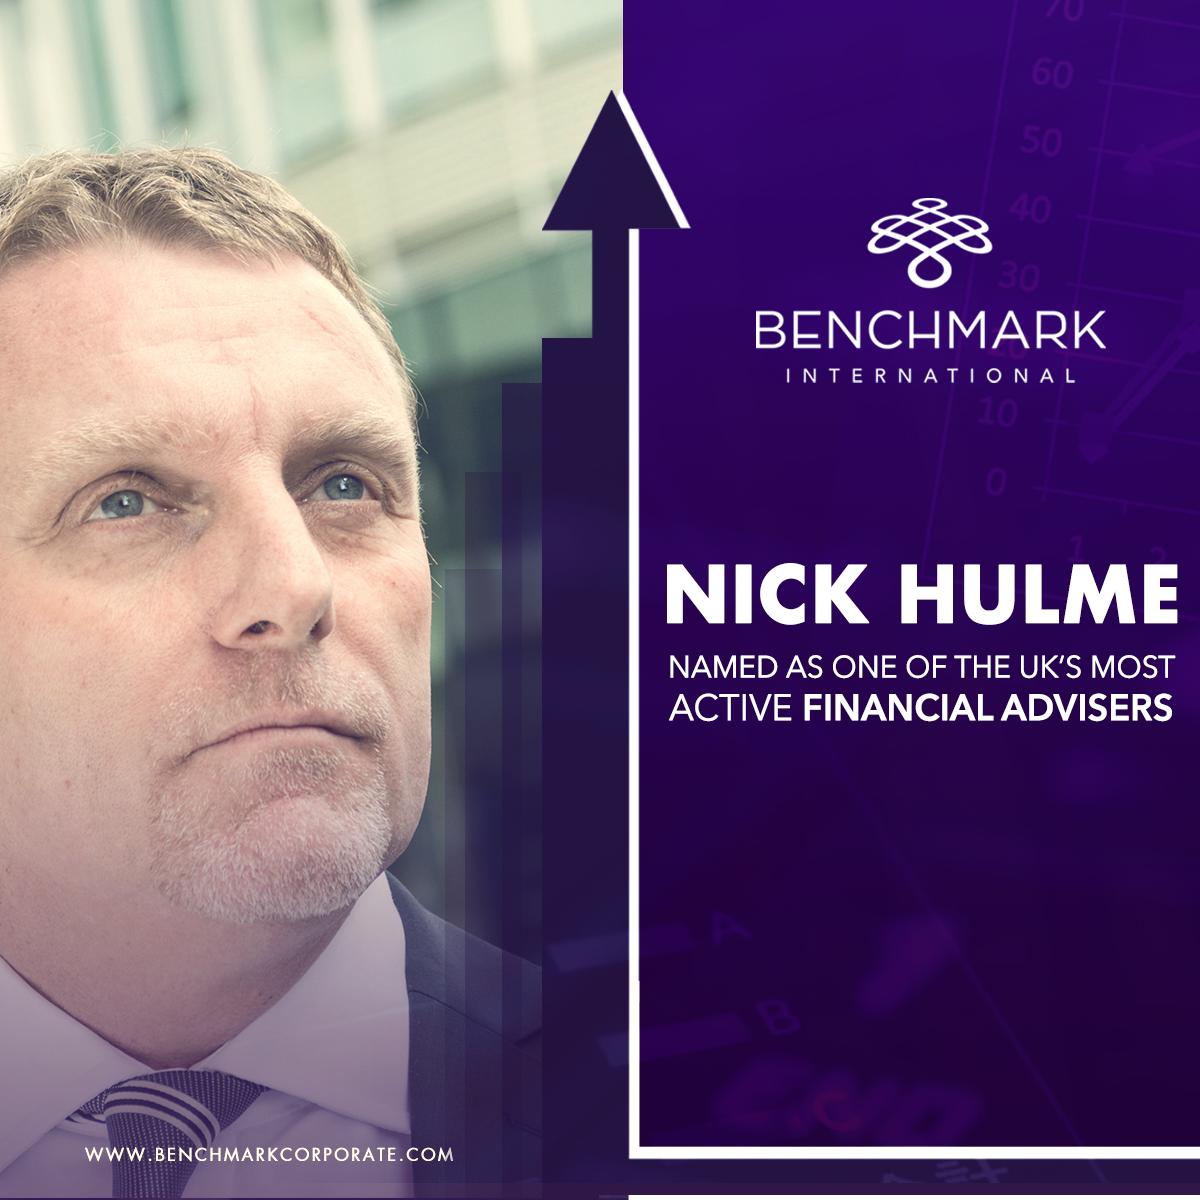 NH Most Active Adviser Portrait